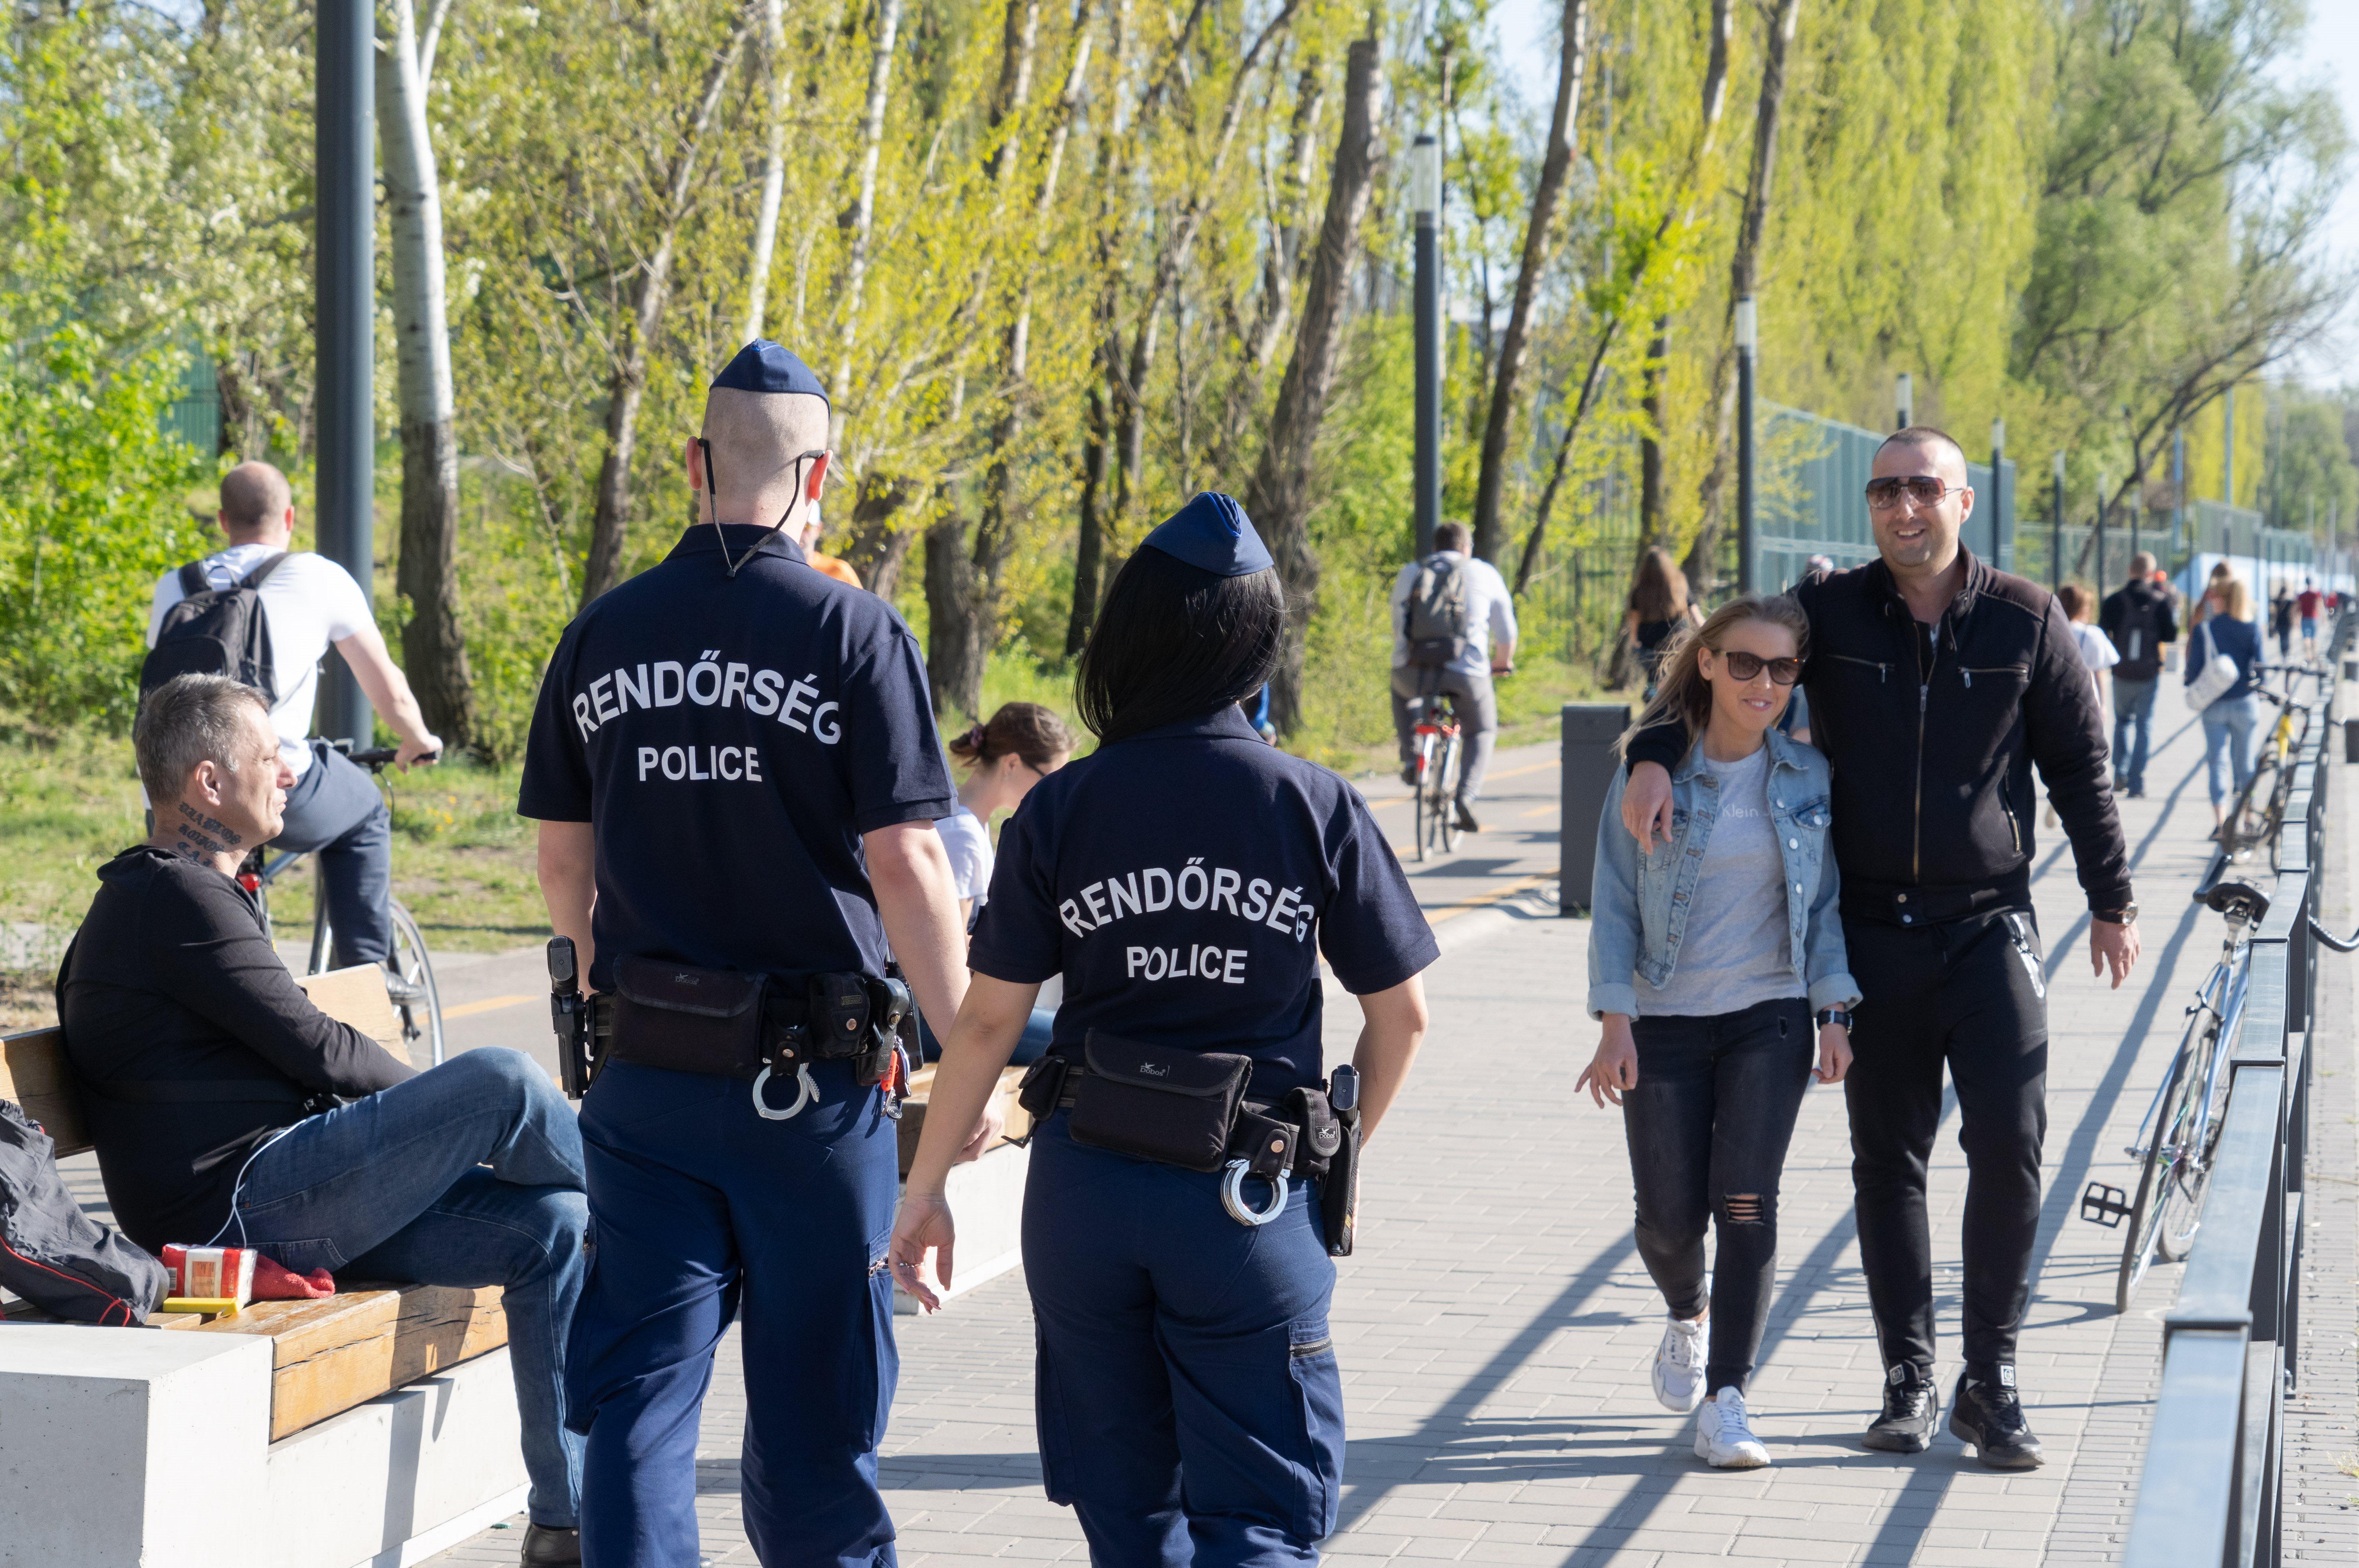 In heel Hongarije verminderen de regels, behalve in Boedapest